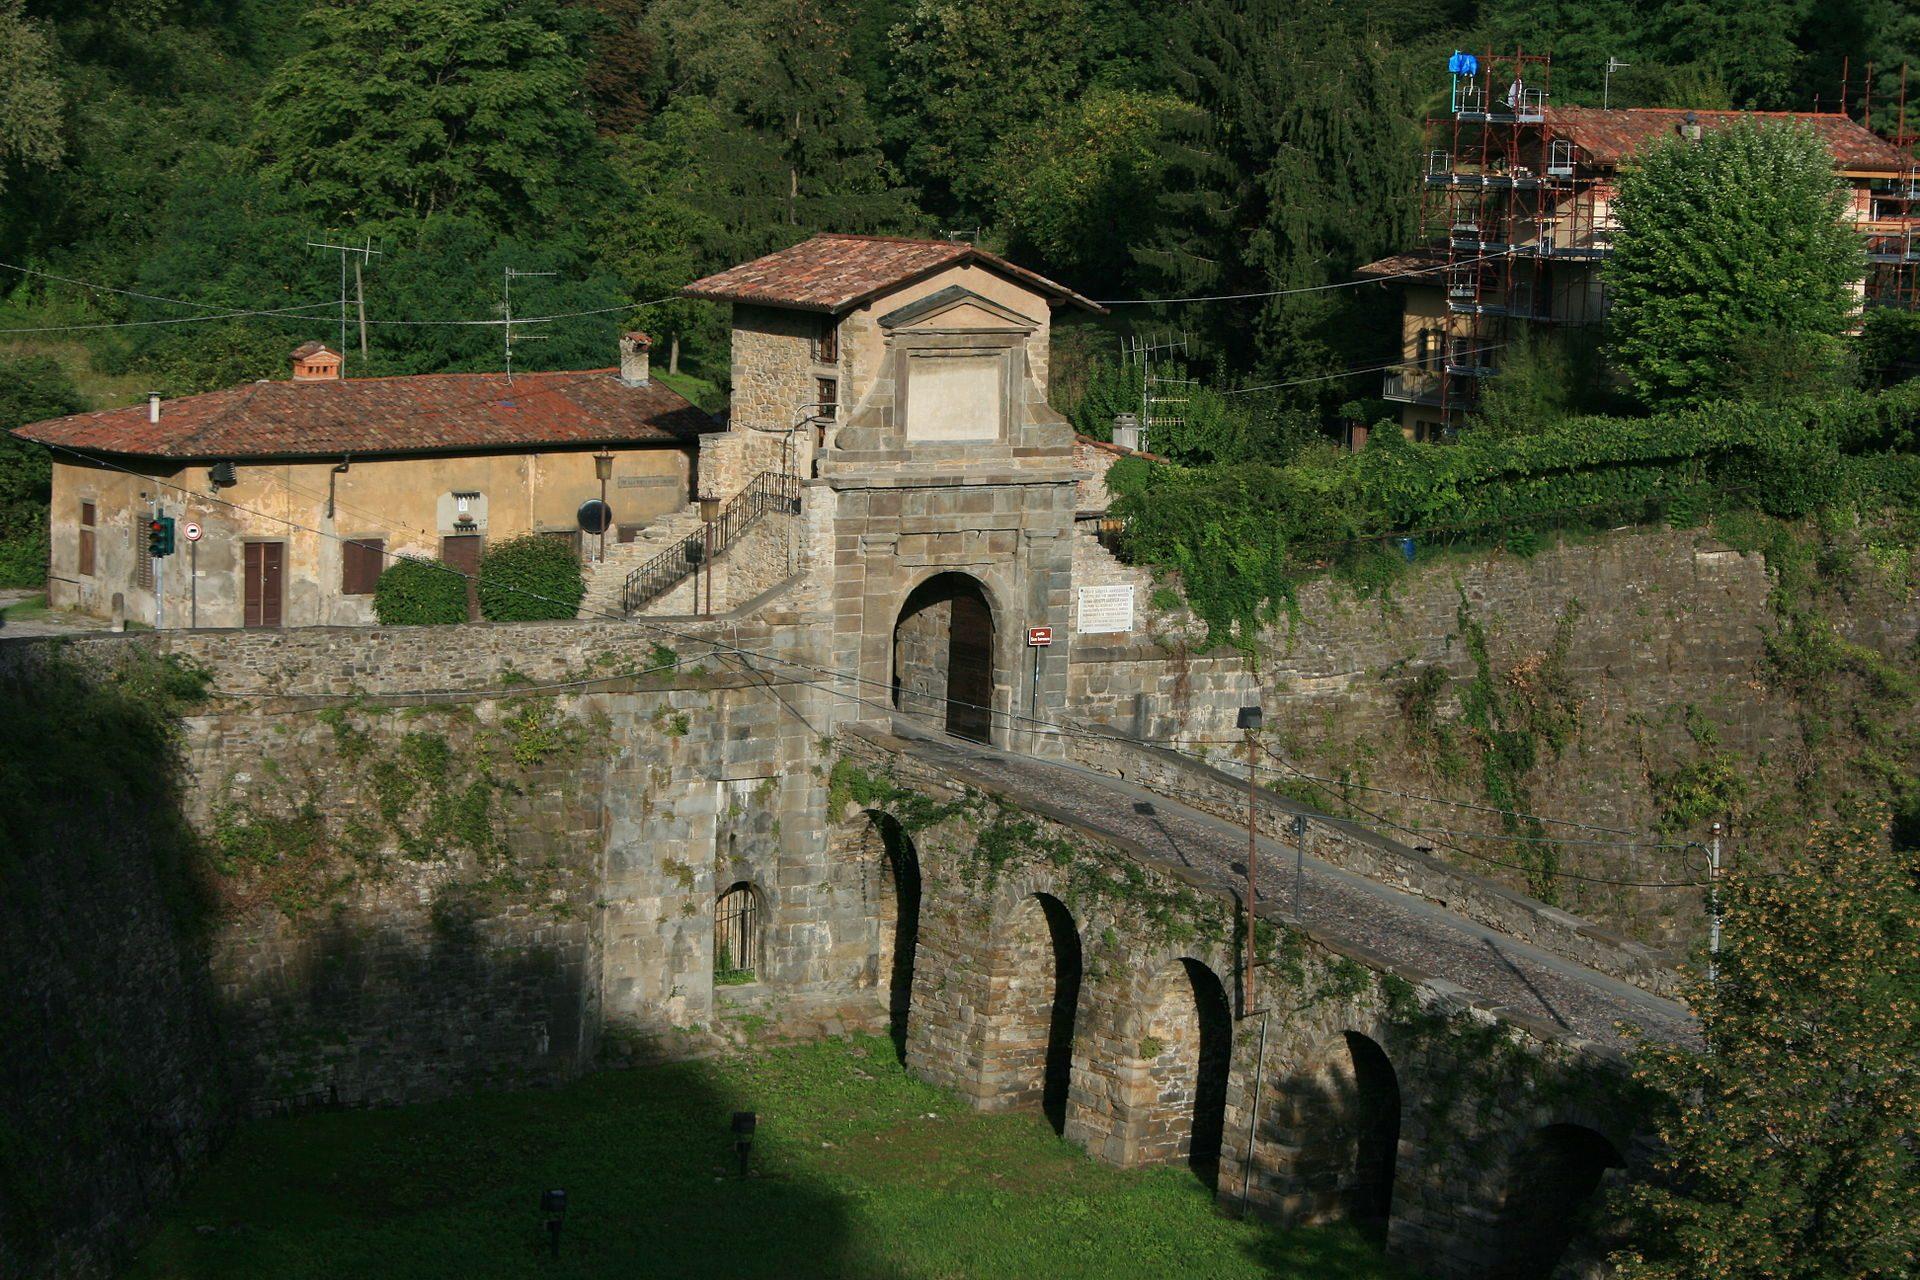 Le mura veneziane storia del sito diventato patrimonio - Treno milano porta garibaldi bergamo ...